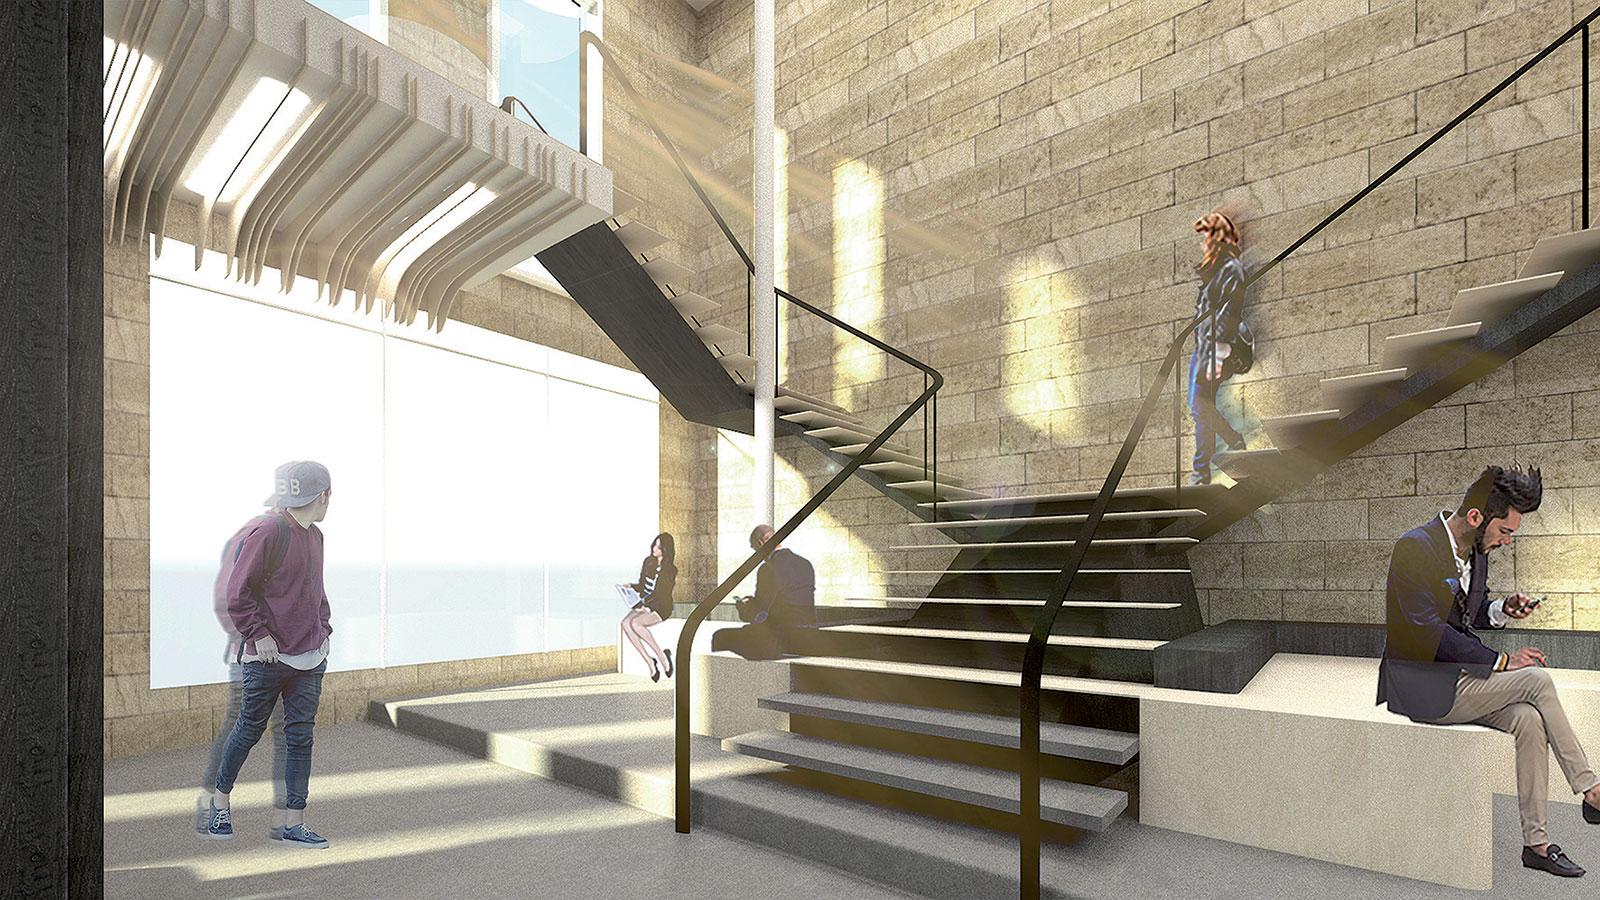 Subtilní schodiště motivuje návštěvníky aby prozkoumali prostor ve druhém podlaží